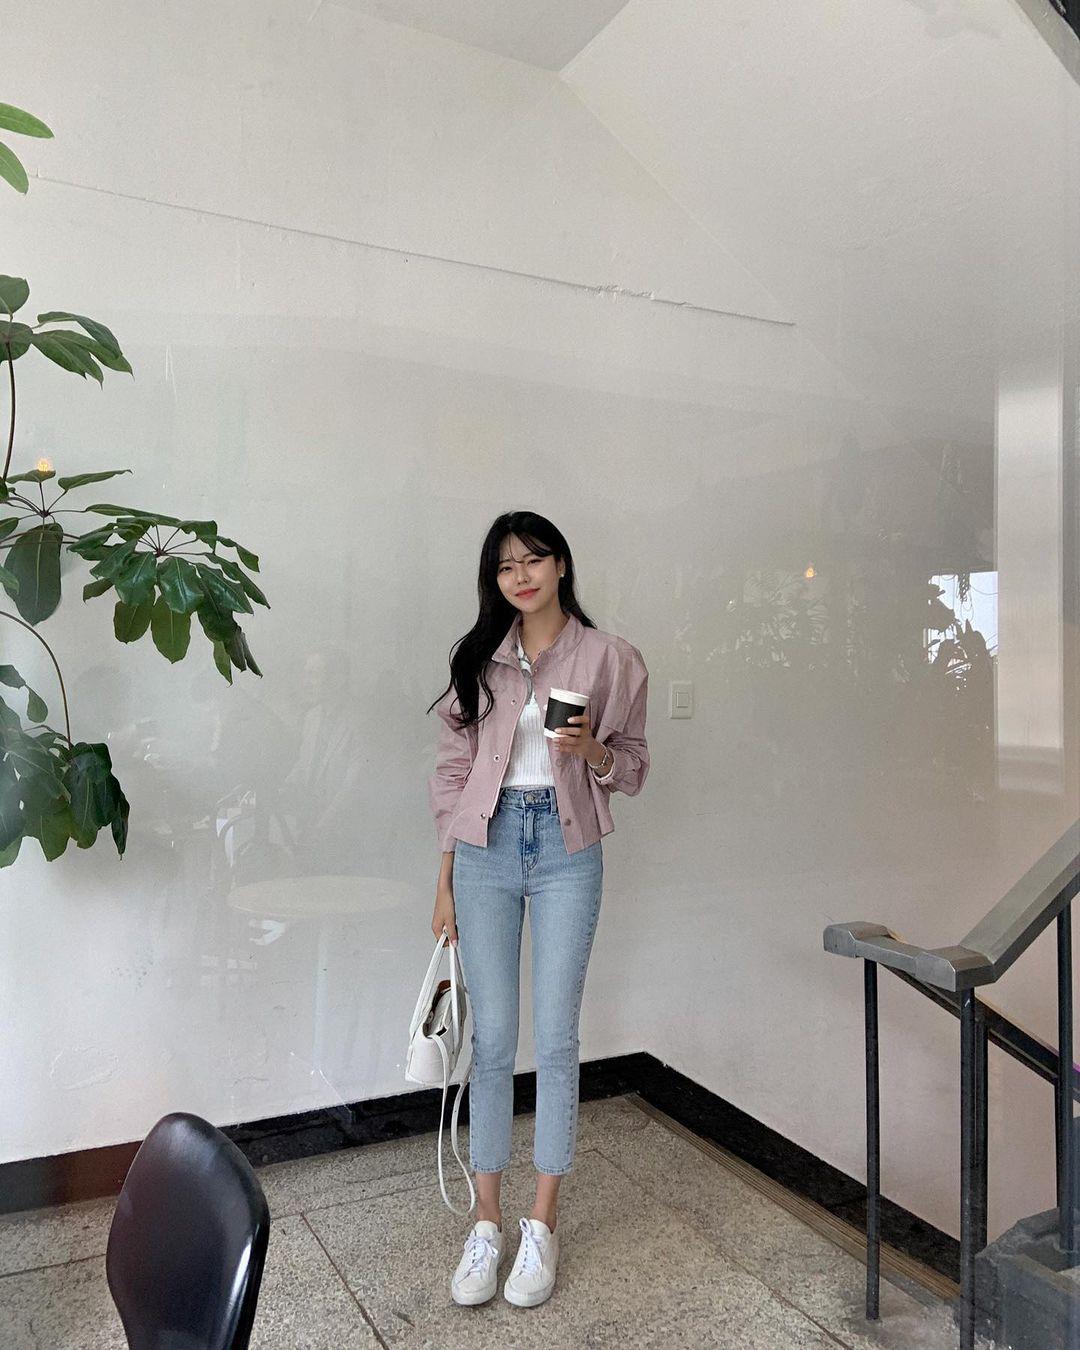 """Học nàng blogger Hàn cách diện jeans """"đỉnh của chóp"""": Vừa hack dáng vừa thanh lịch để diện đến sở làm - Ảnh 6."""